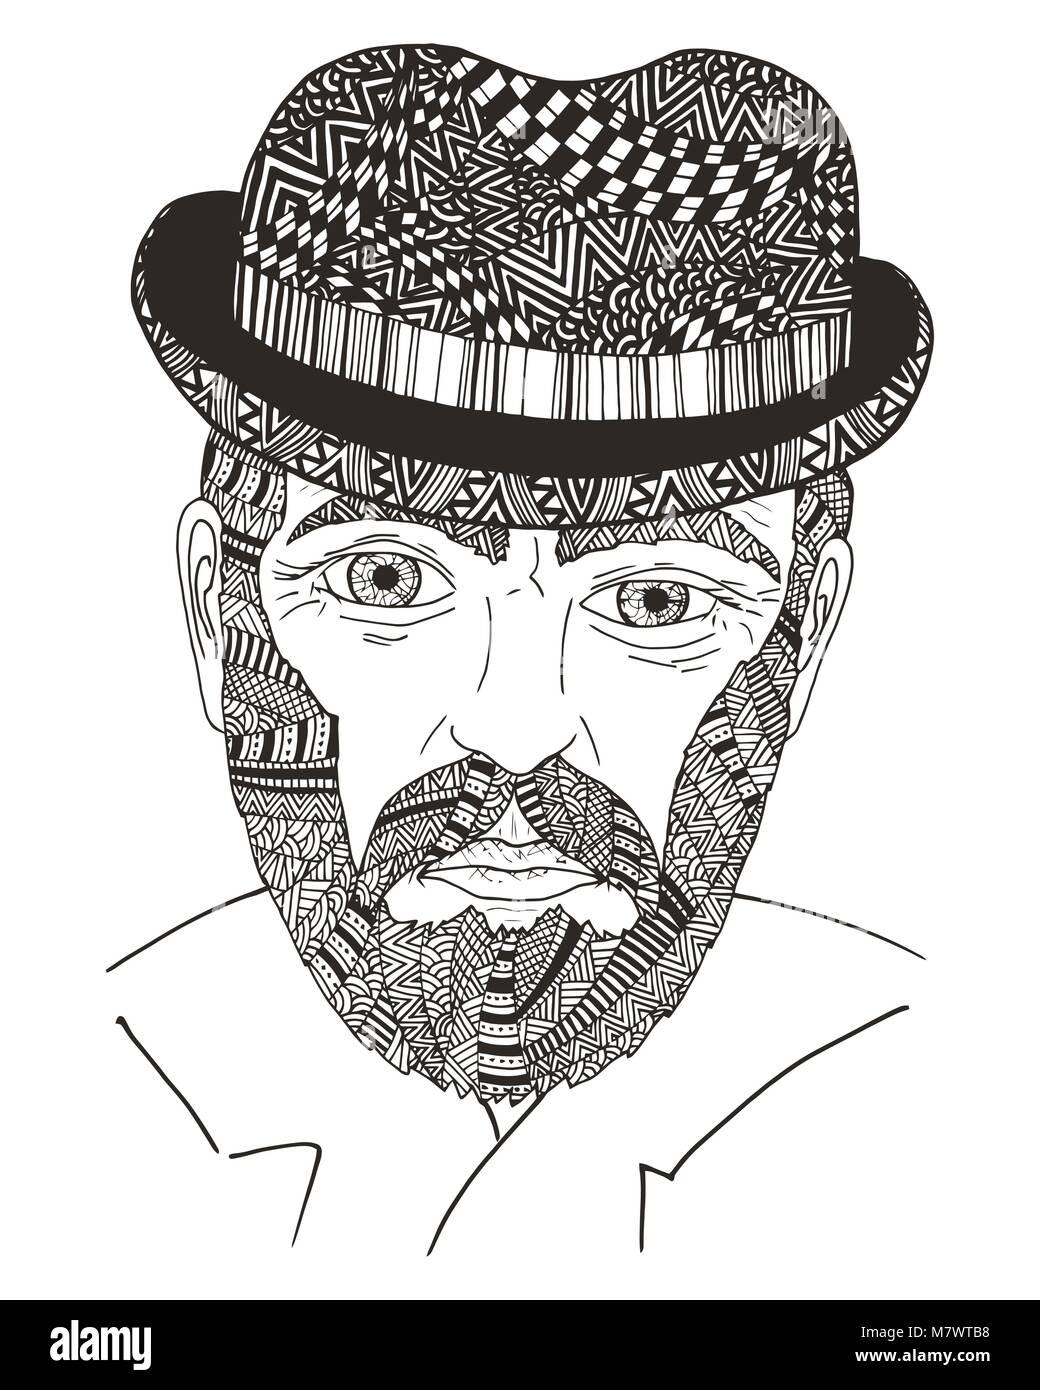 Coloriage Adulte Homme.Avoir Le Blues Le Zen S Emmeler Et Doodle Vieil Homme Senior